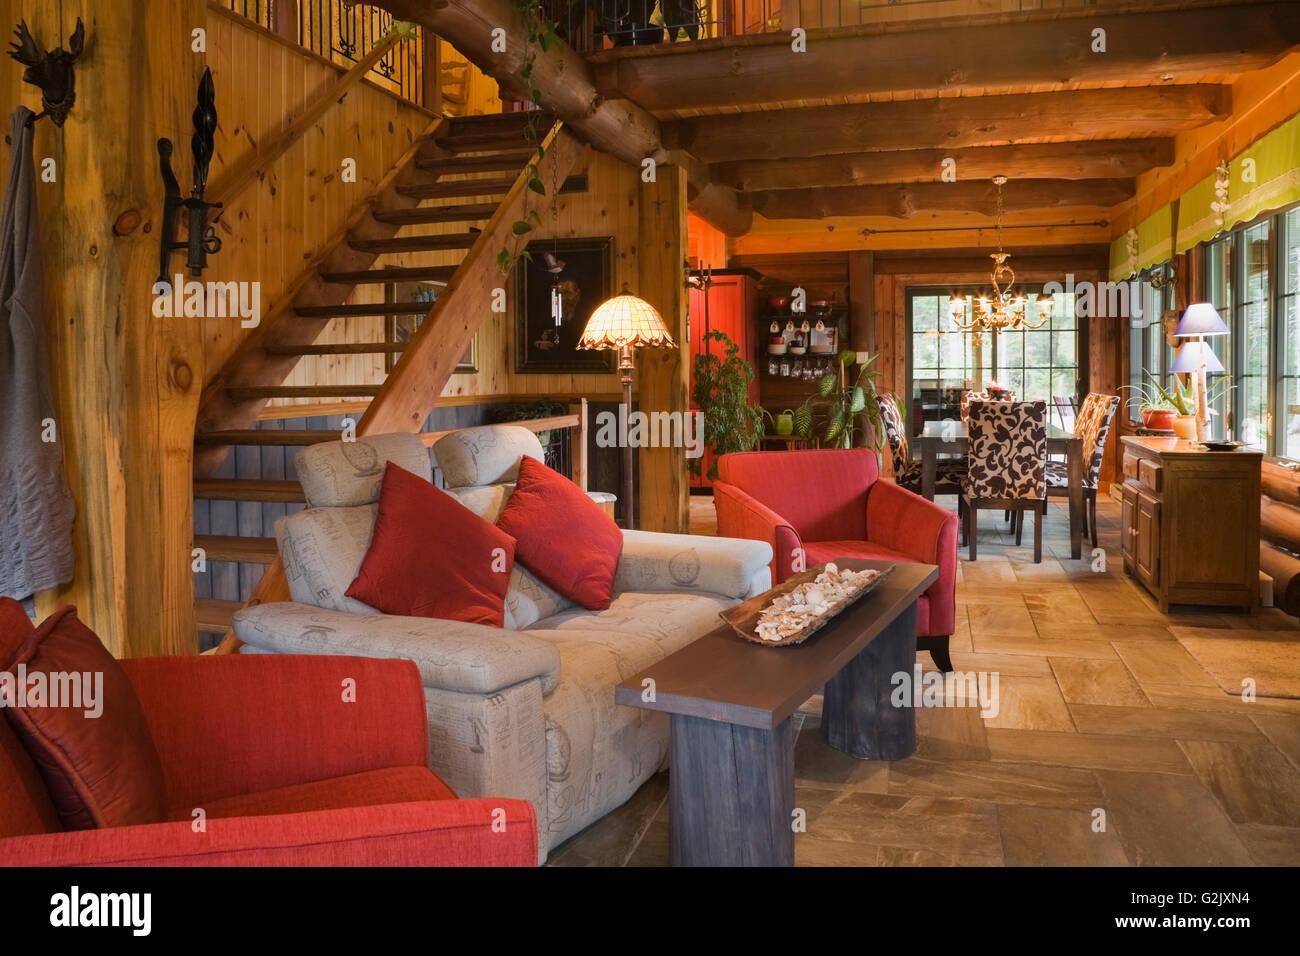 Beleuchteten Wohnzimmer Gepolstert Rot Sitzend Stühle Grau Sofa Plus  Anzeigen Esszimmer Tisch Stühle Im Hintergrund In Einer